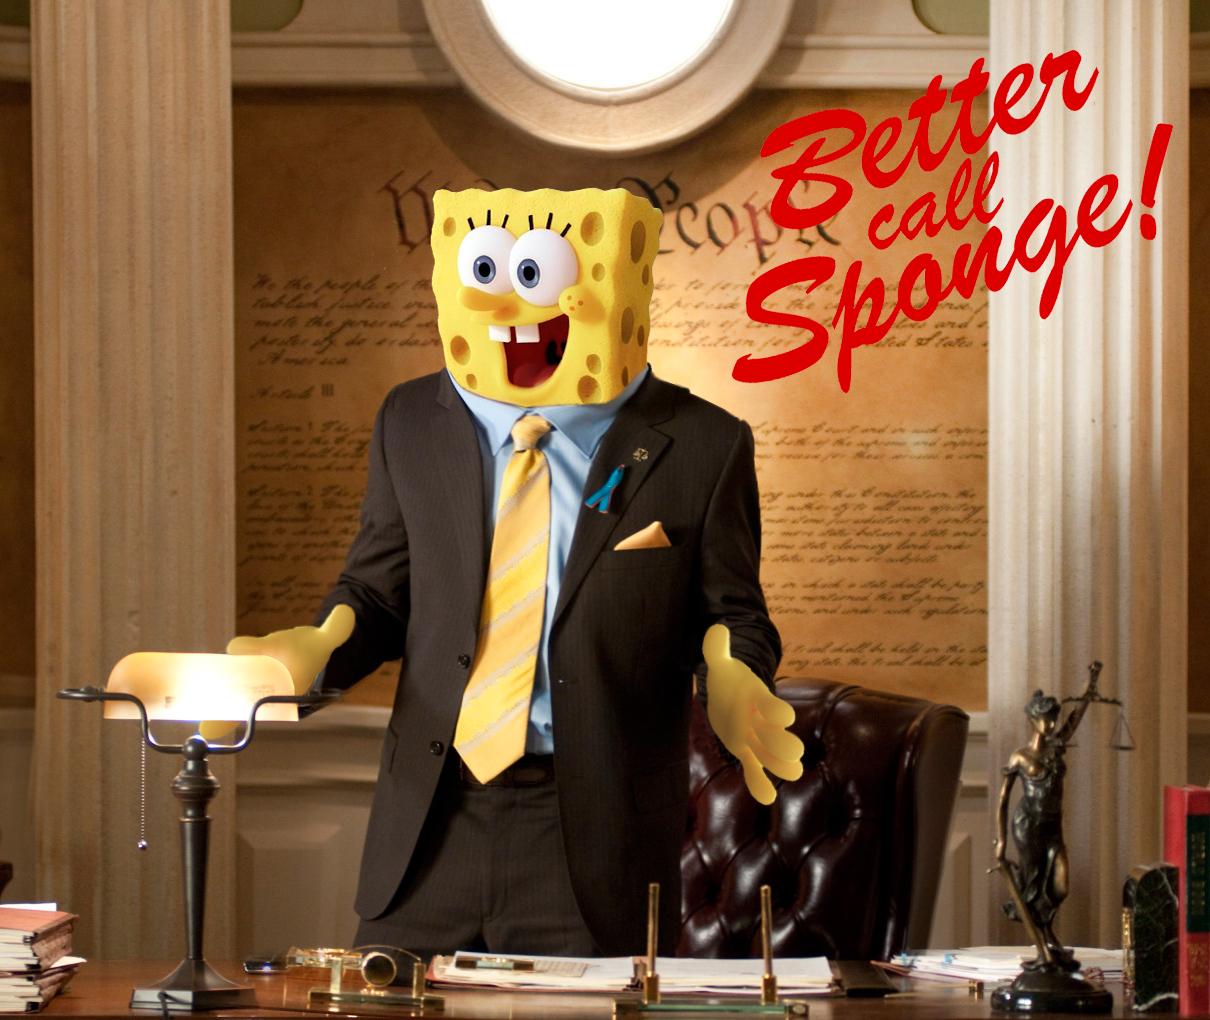 spongebob odenkirk